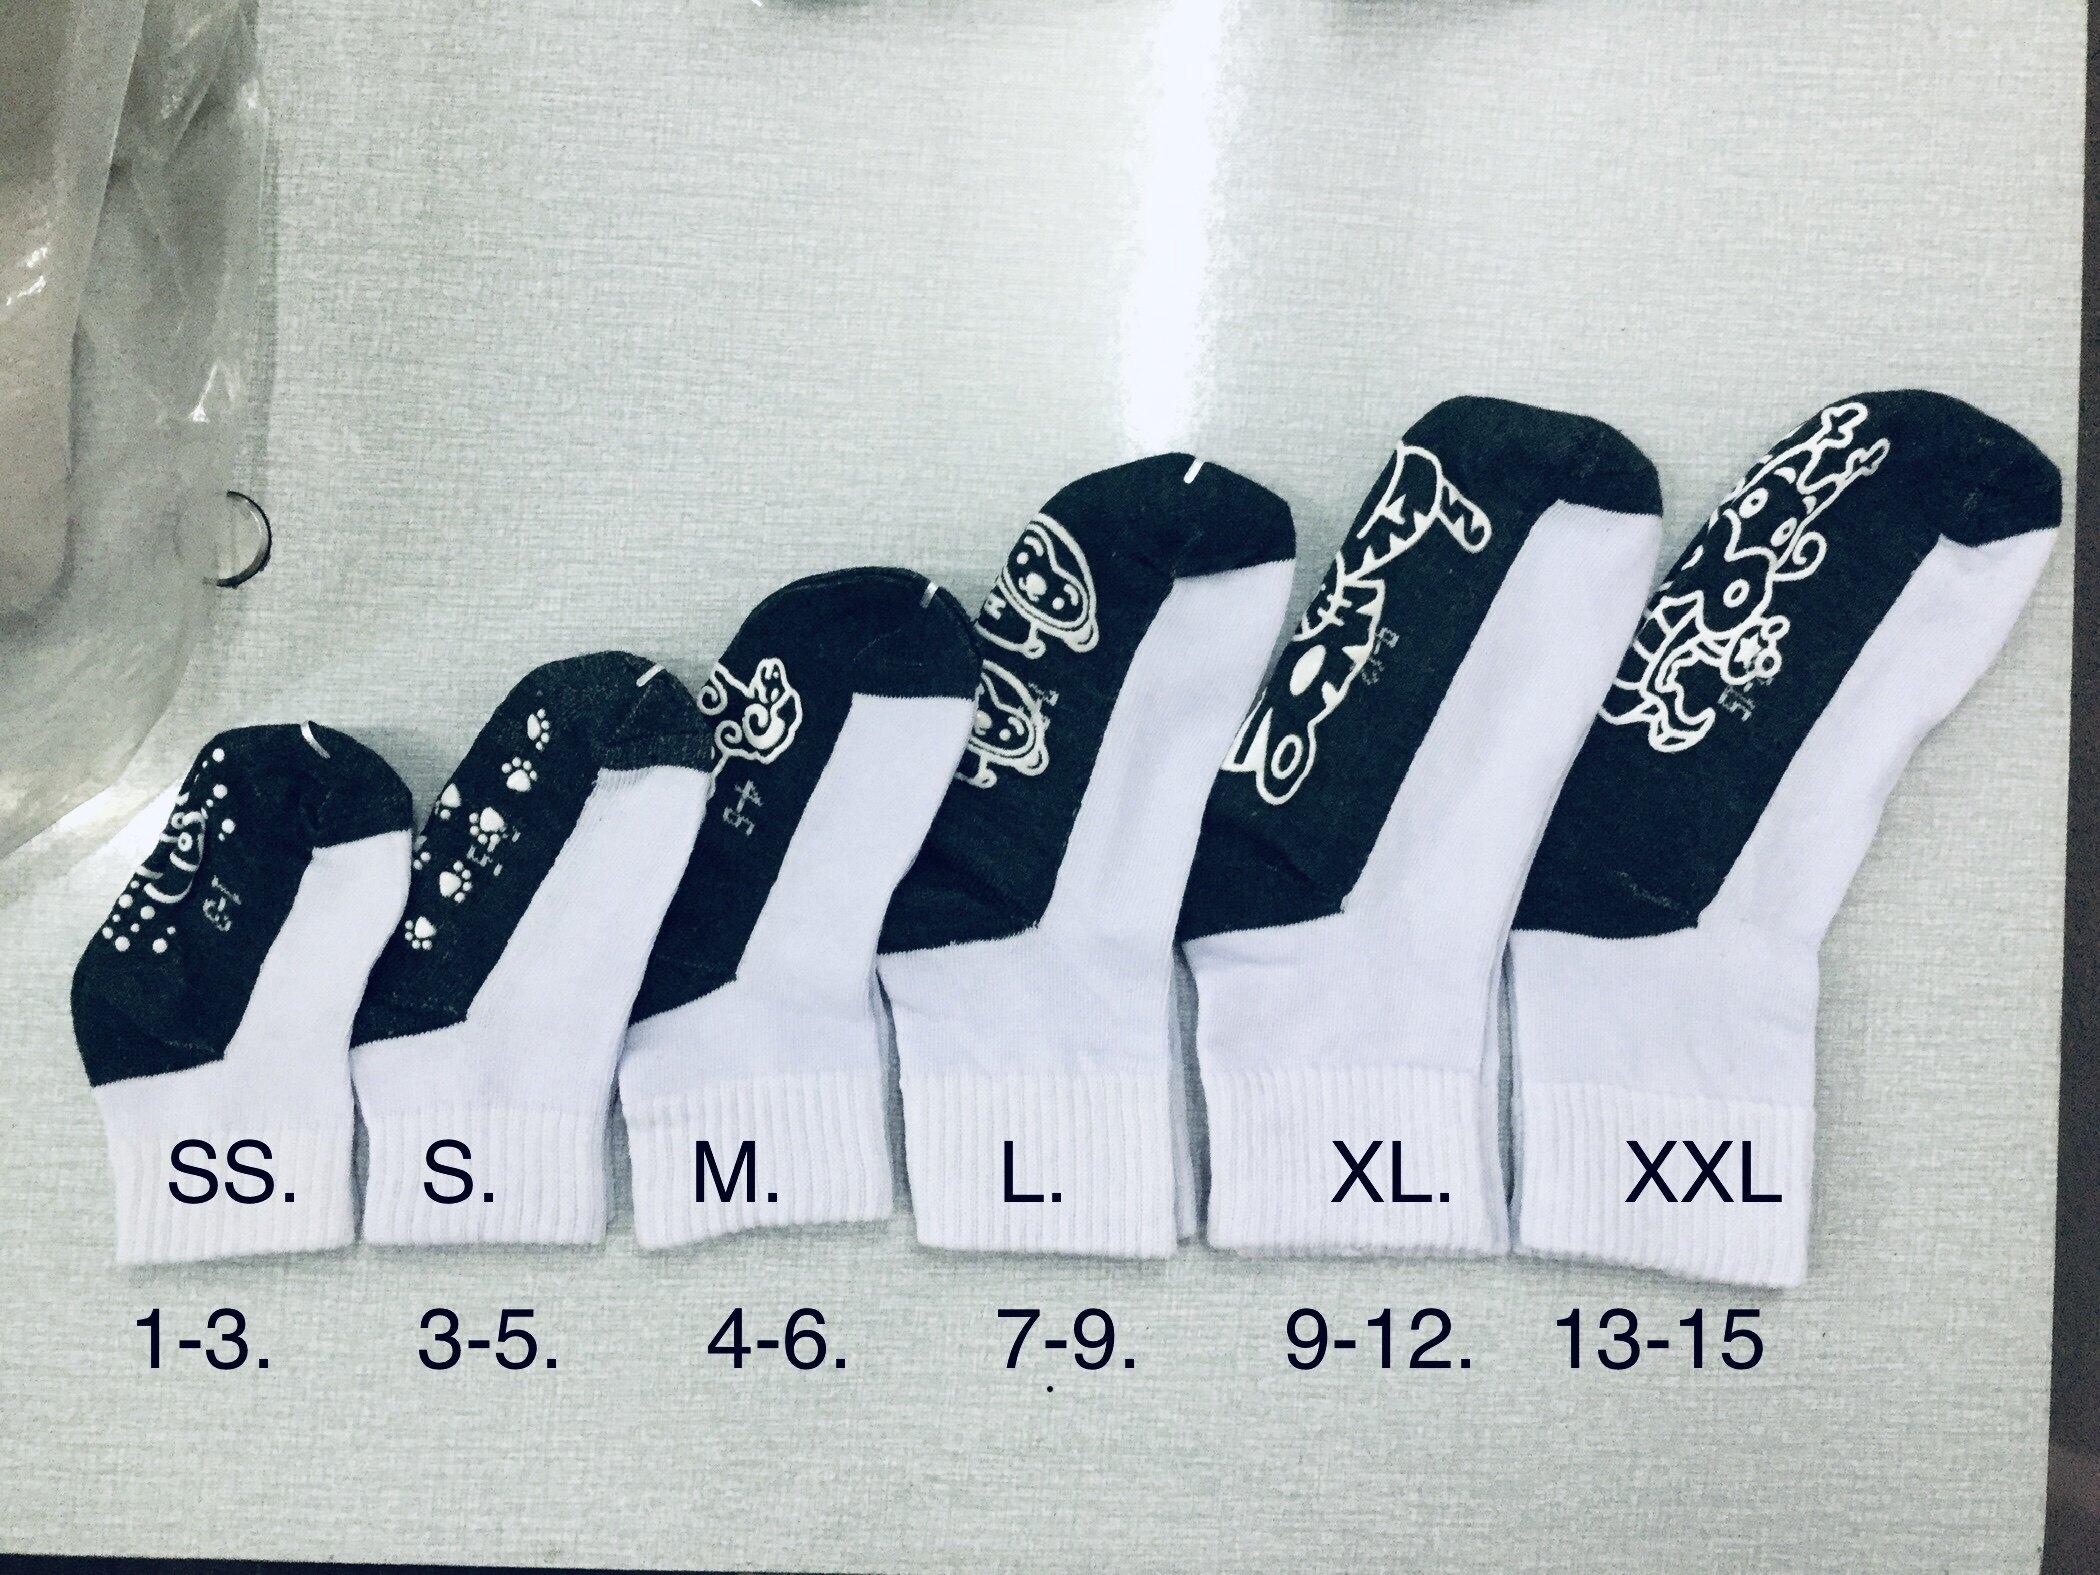 ถุงเท้านักเรียนกันลื่น ถุงเท้านักเรียนสีขาว ราคาถูก คุณภาพดี ไม่ย้วย ขายยกโหล(12คู่).